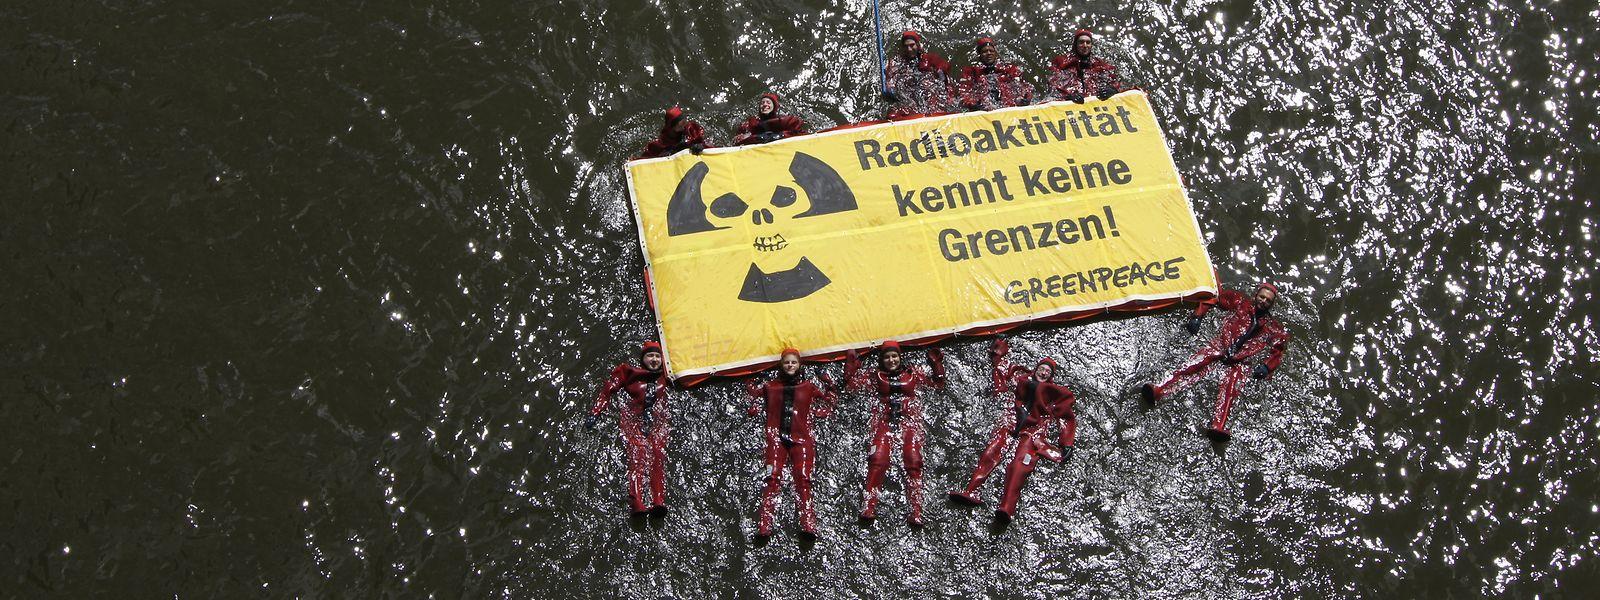 Greenpeace dénonce régulièrement les dangers du nucléaire en France par des actions spectaculaires.